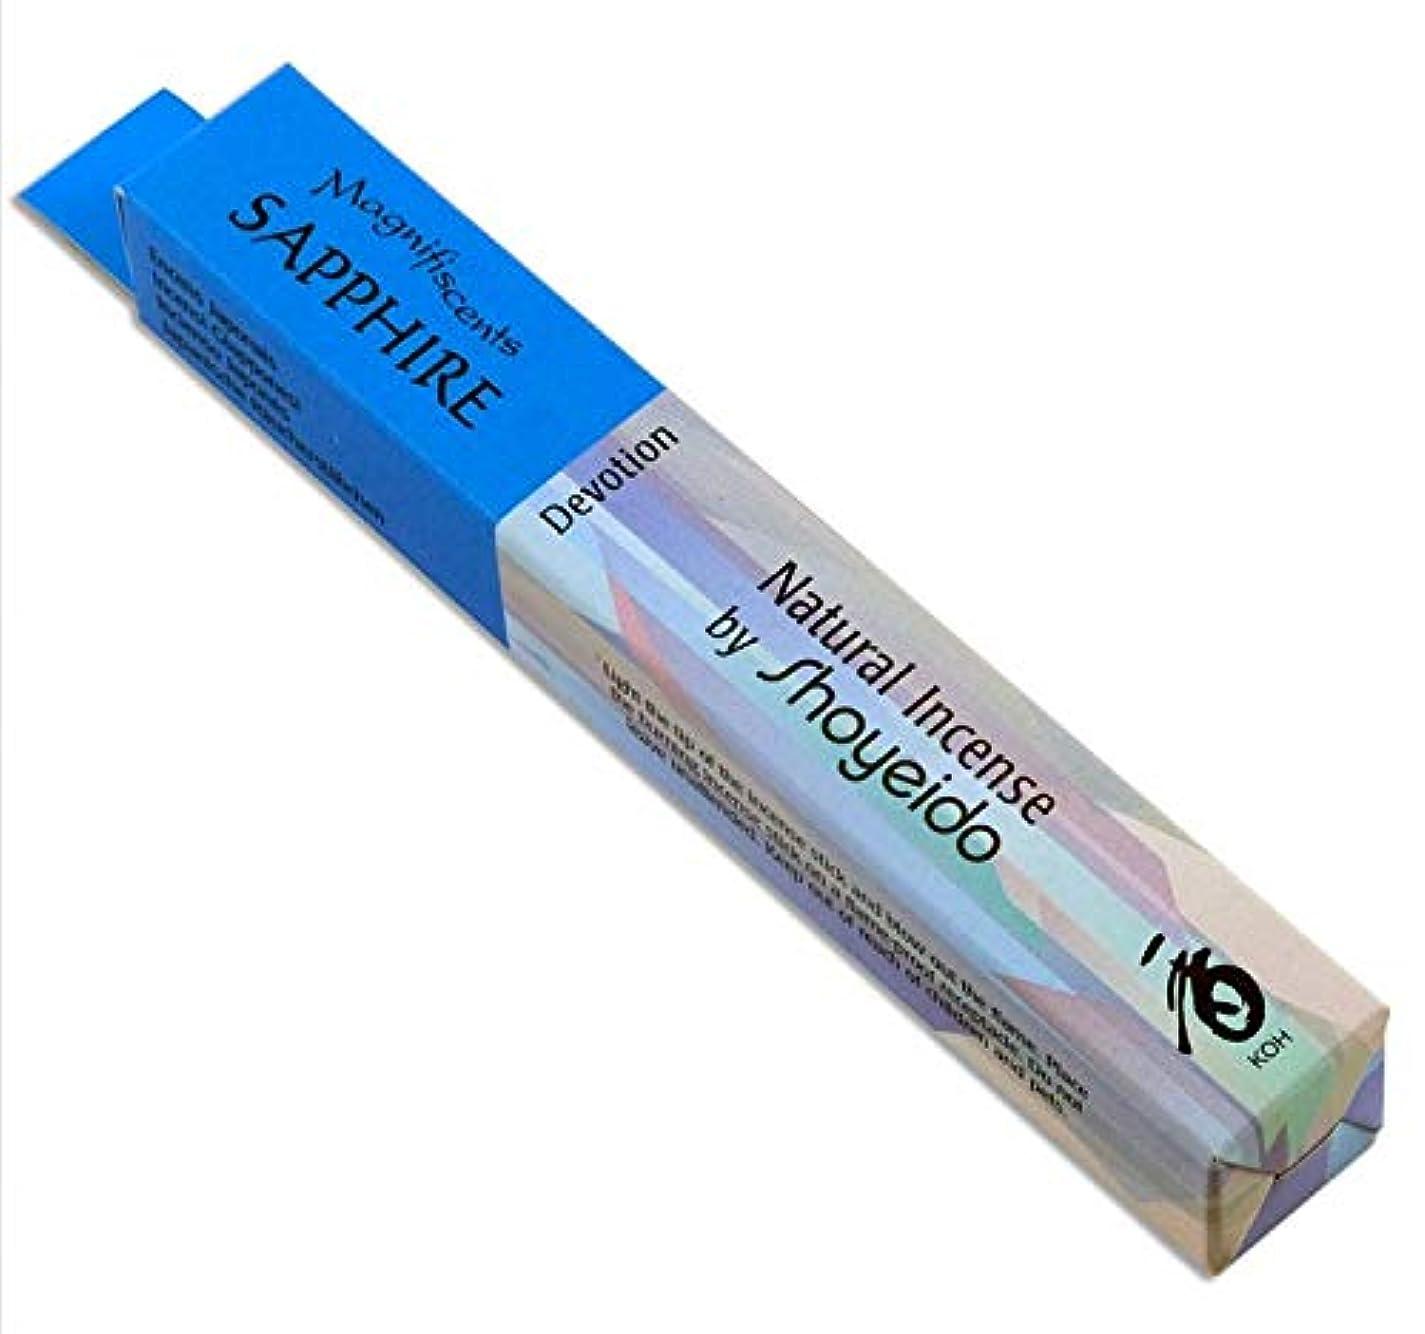 不良マンハッタンカイウスShoyeido's Sapphire Incense, 30 sticks by SHOYEIDO